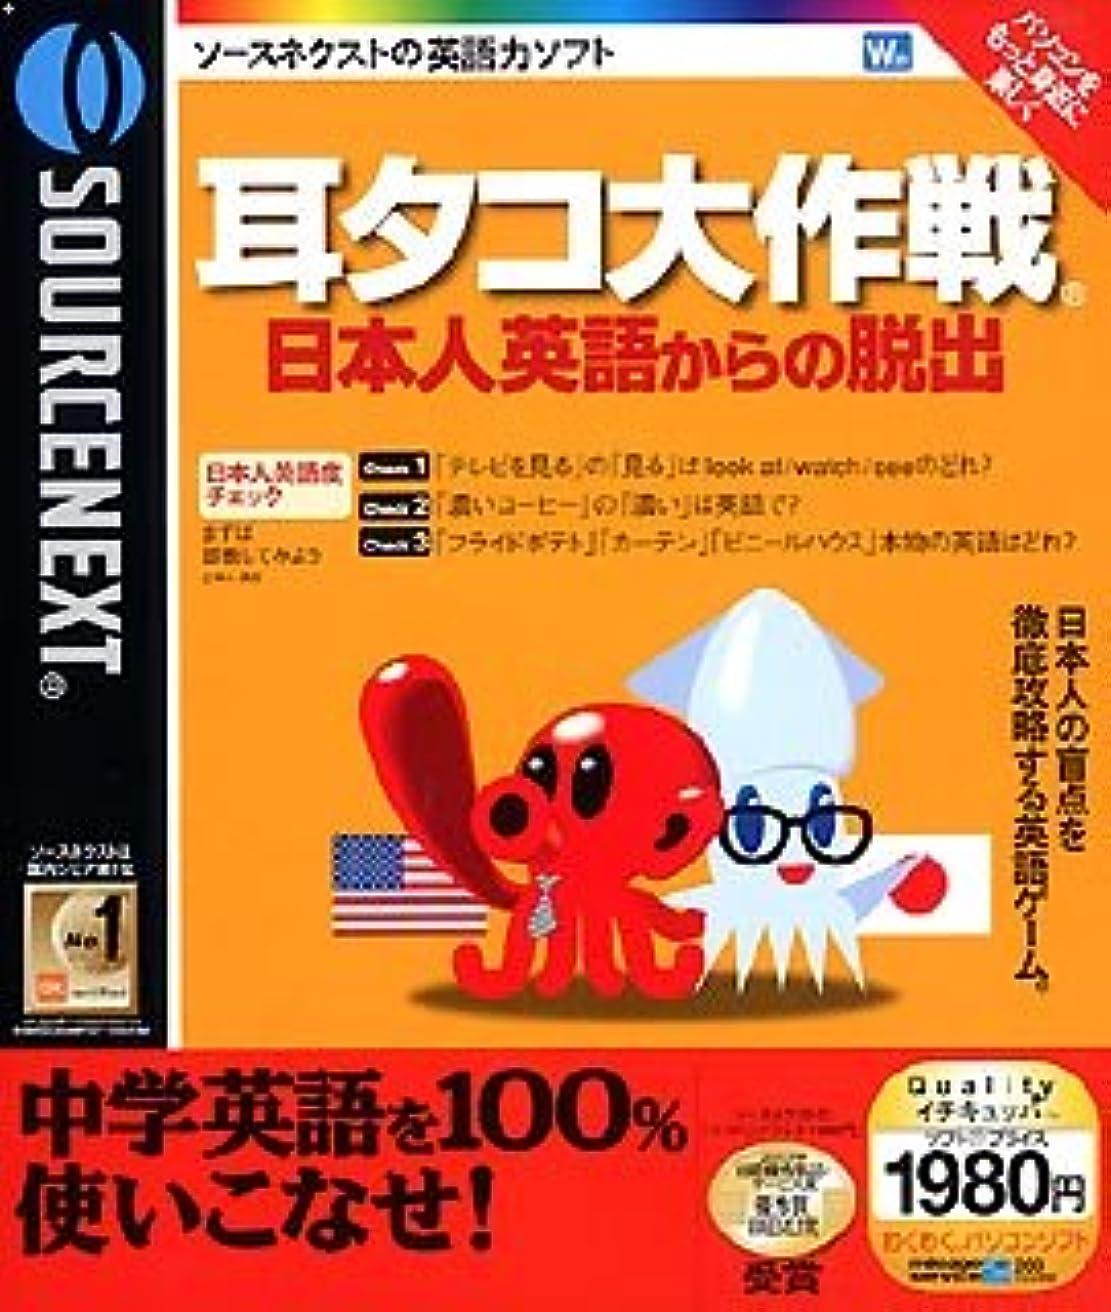 霧深いバックグラウンド強調する耳タコ大作戦 日本人英語からの脱出 (税込み1980円版)